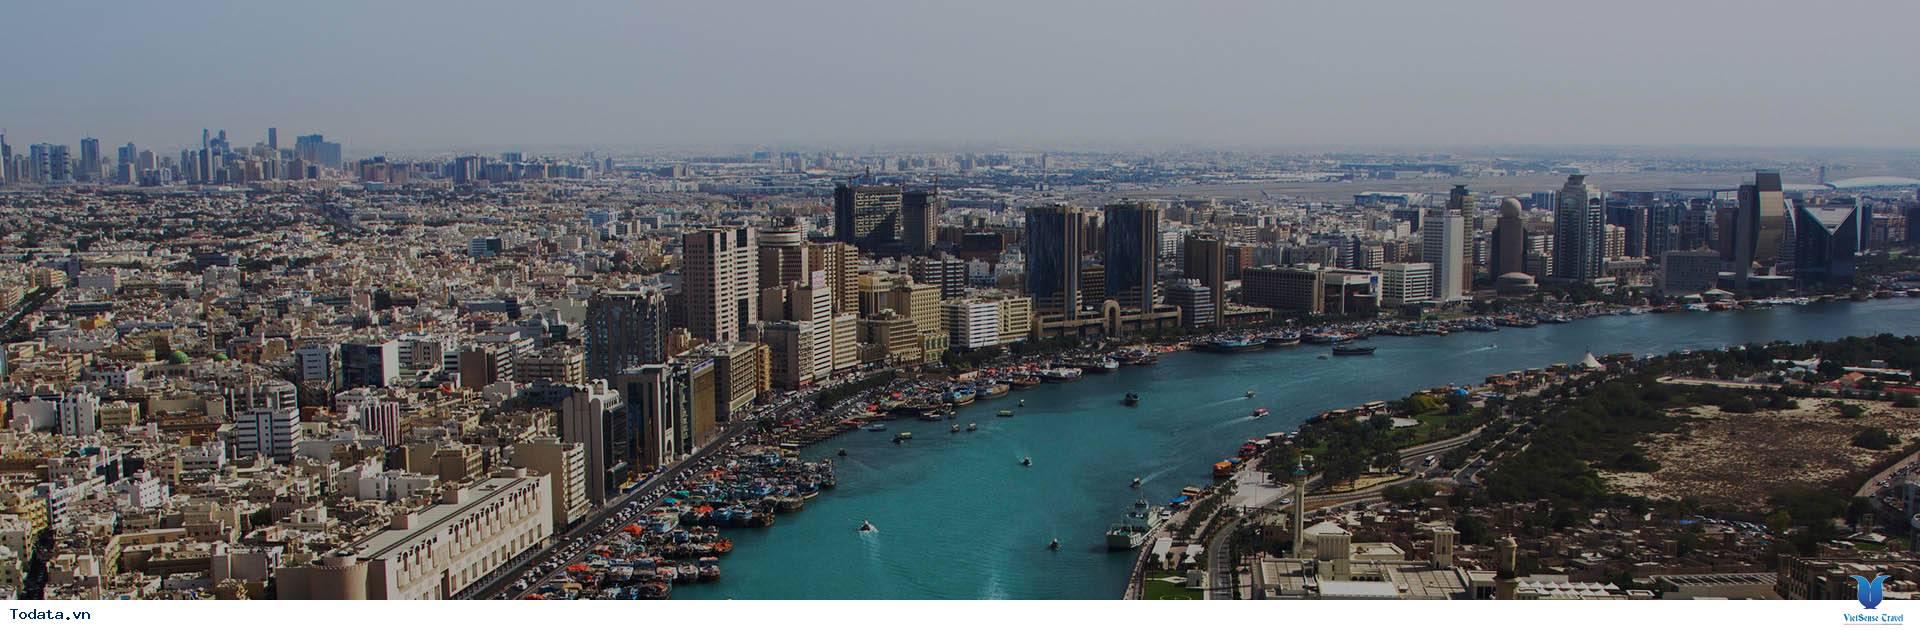 Thưởng Ngoạn Dubai Trên Dubai Creek - Ảnh 1